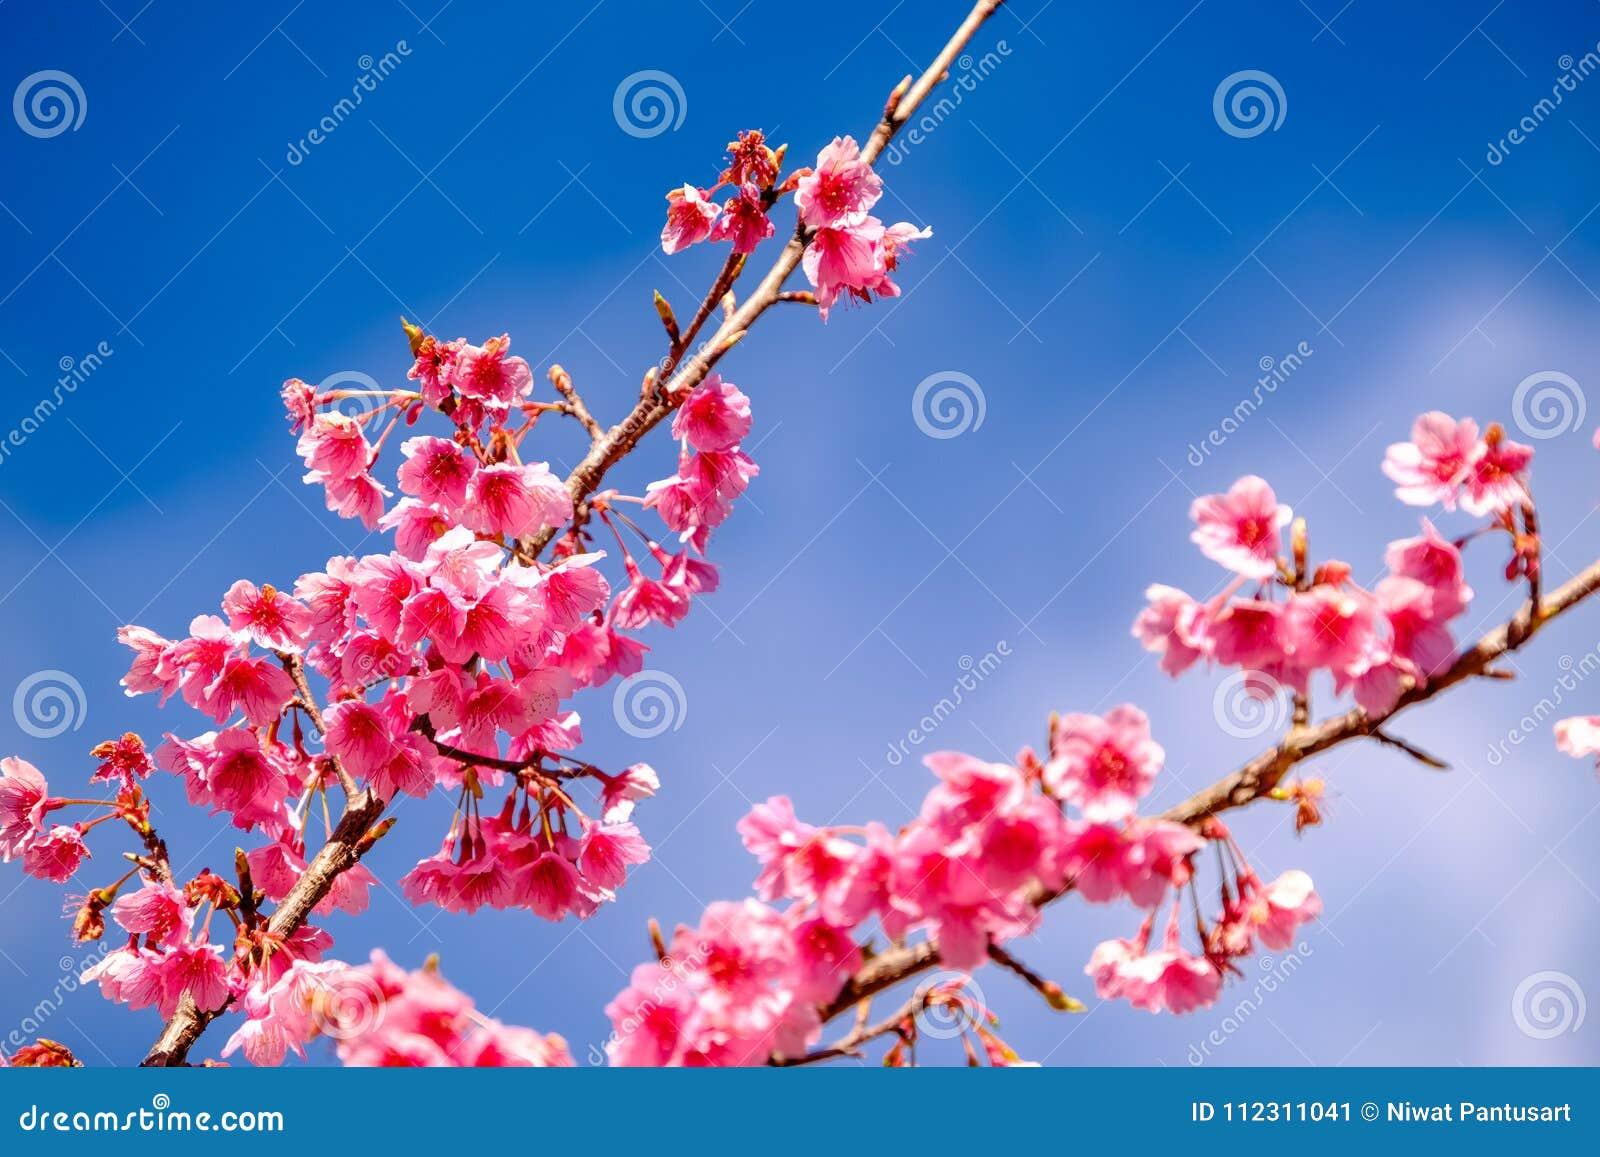 Cherry Blossom Against Blue Sky rosado